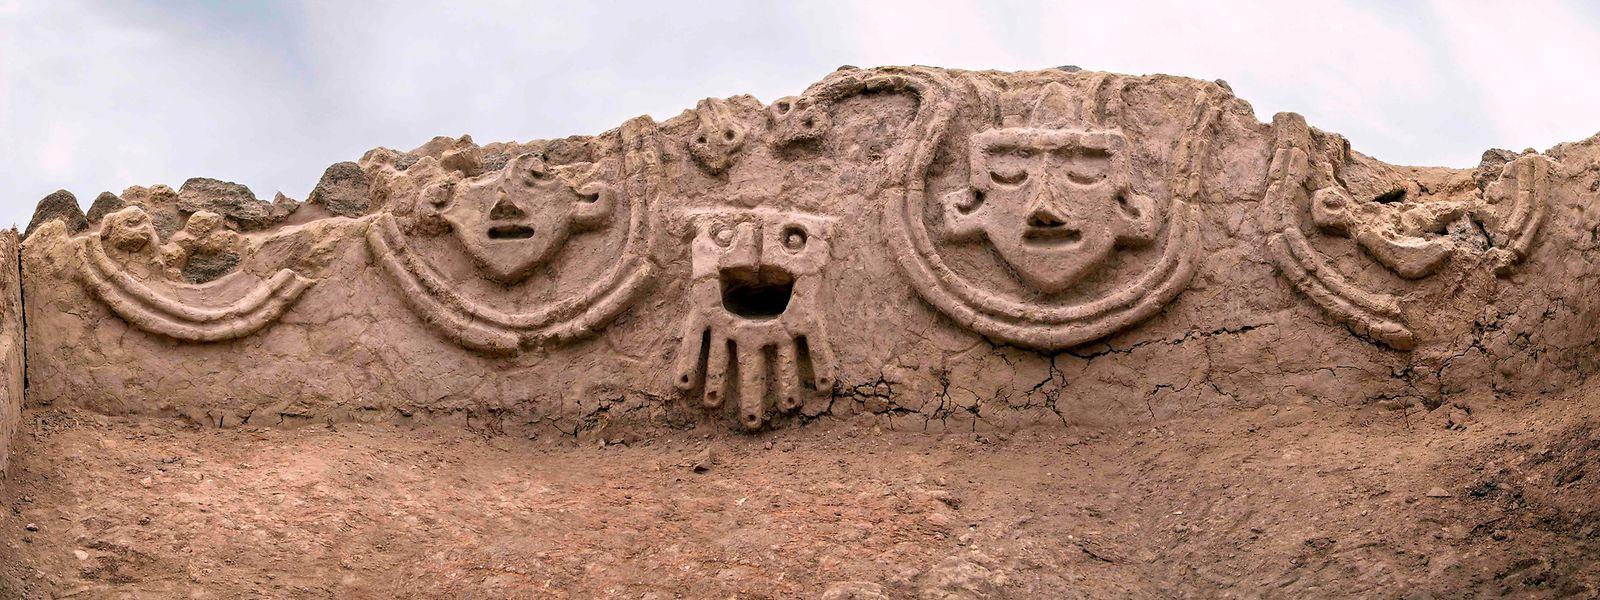 Das Relief ist etwa 3800 Jahre alt.